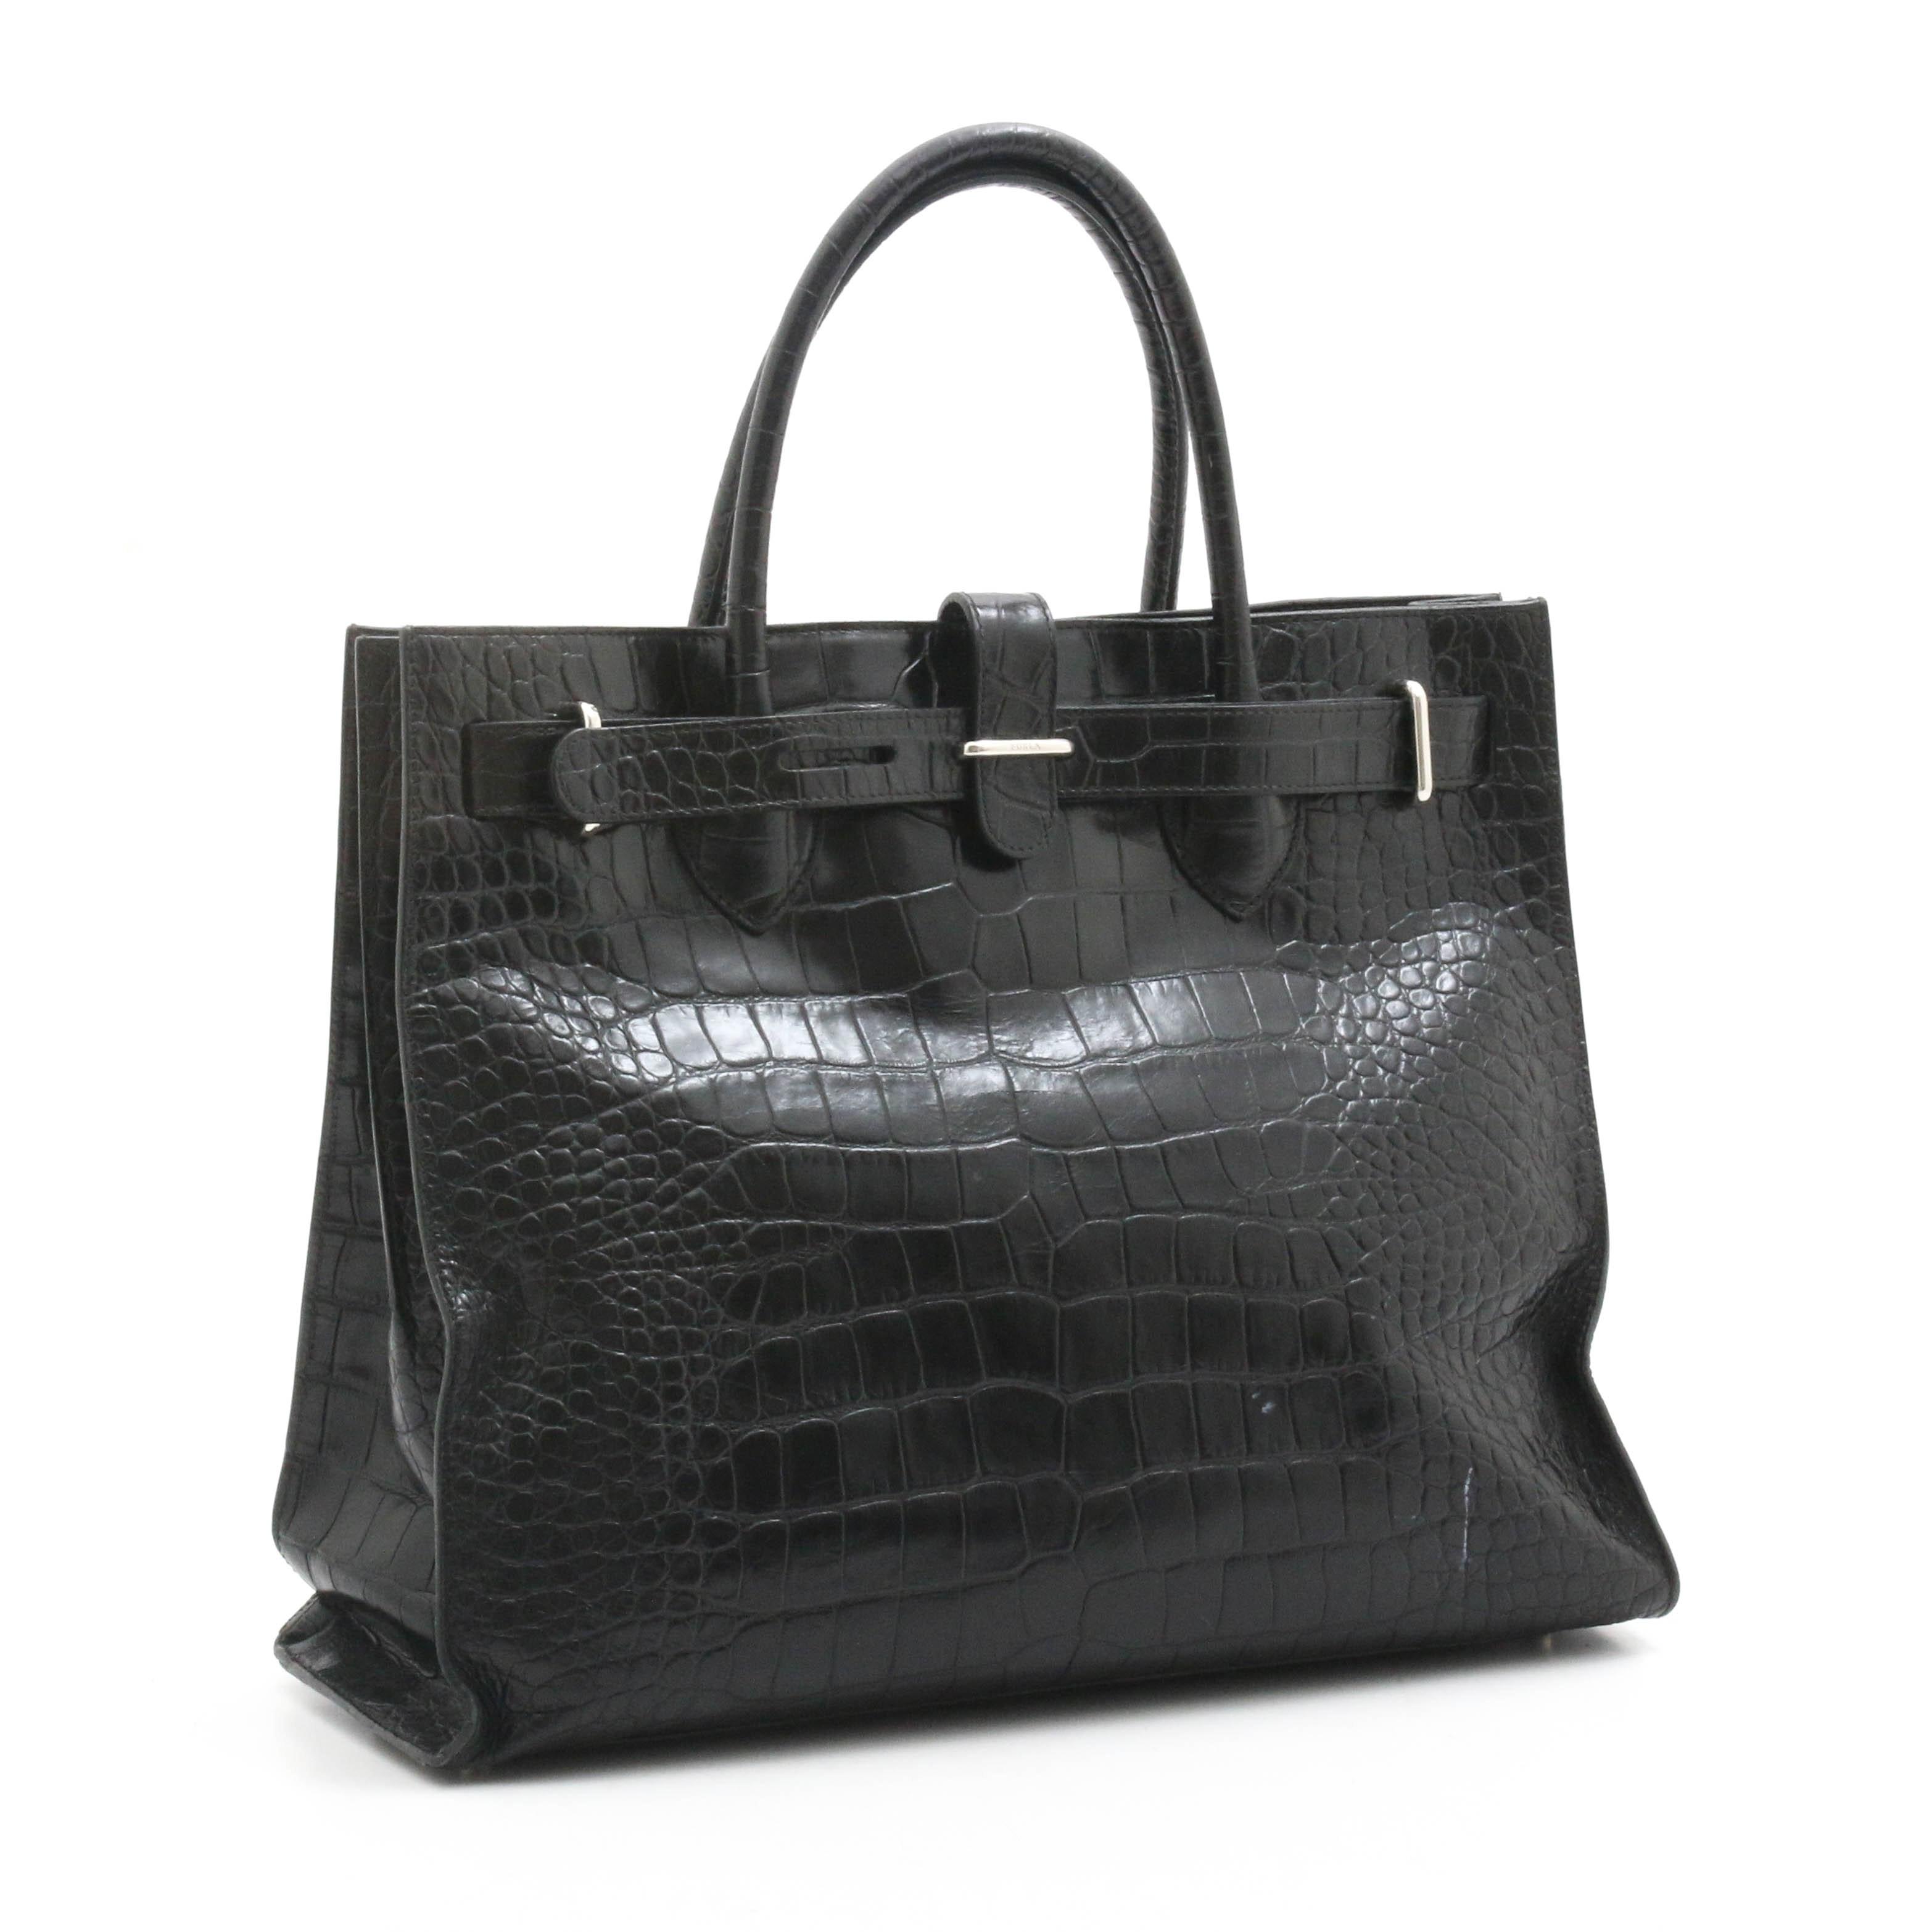 Furla Reptile Embossed Black Leather Handbag